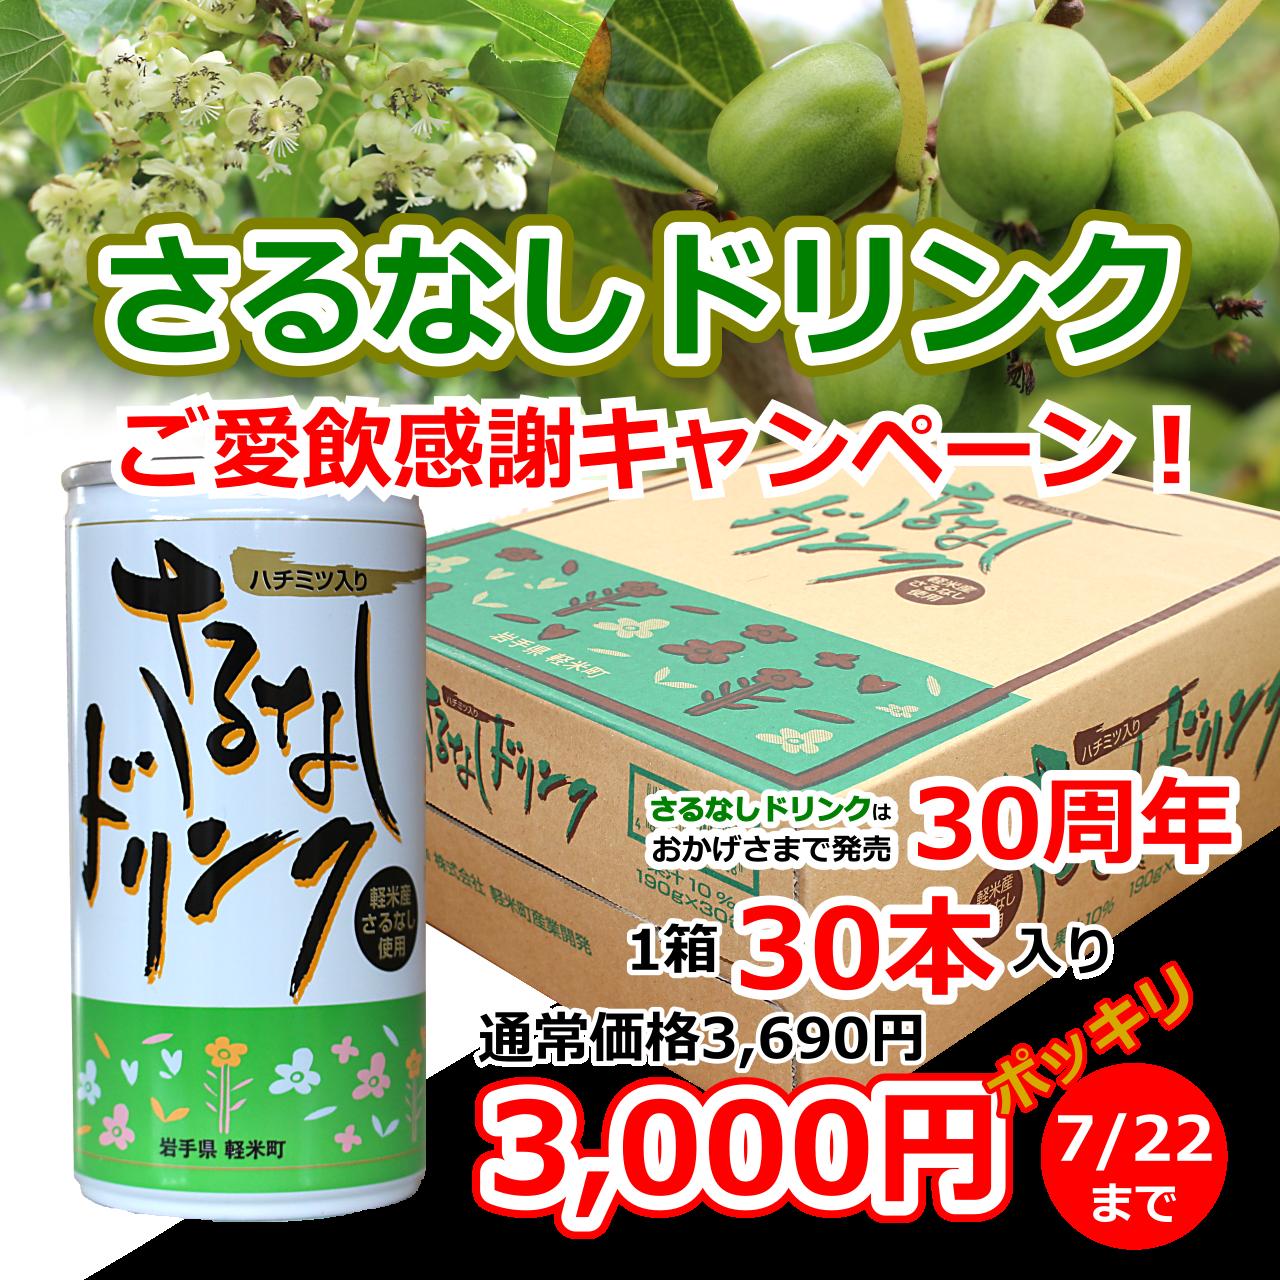 「さるなしドリンク」発売30周年ご愛飲キャンペーン!